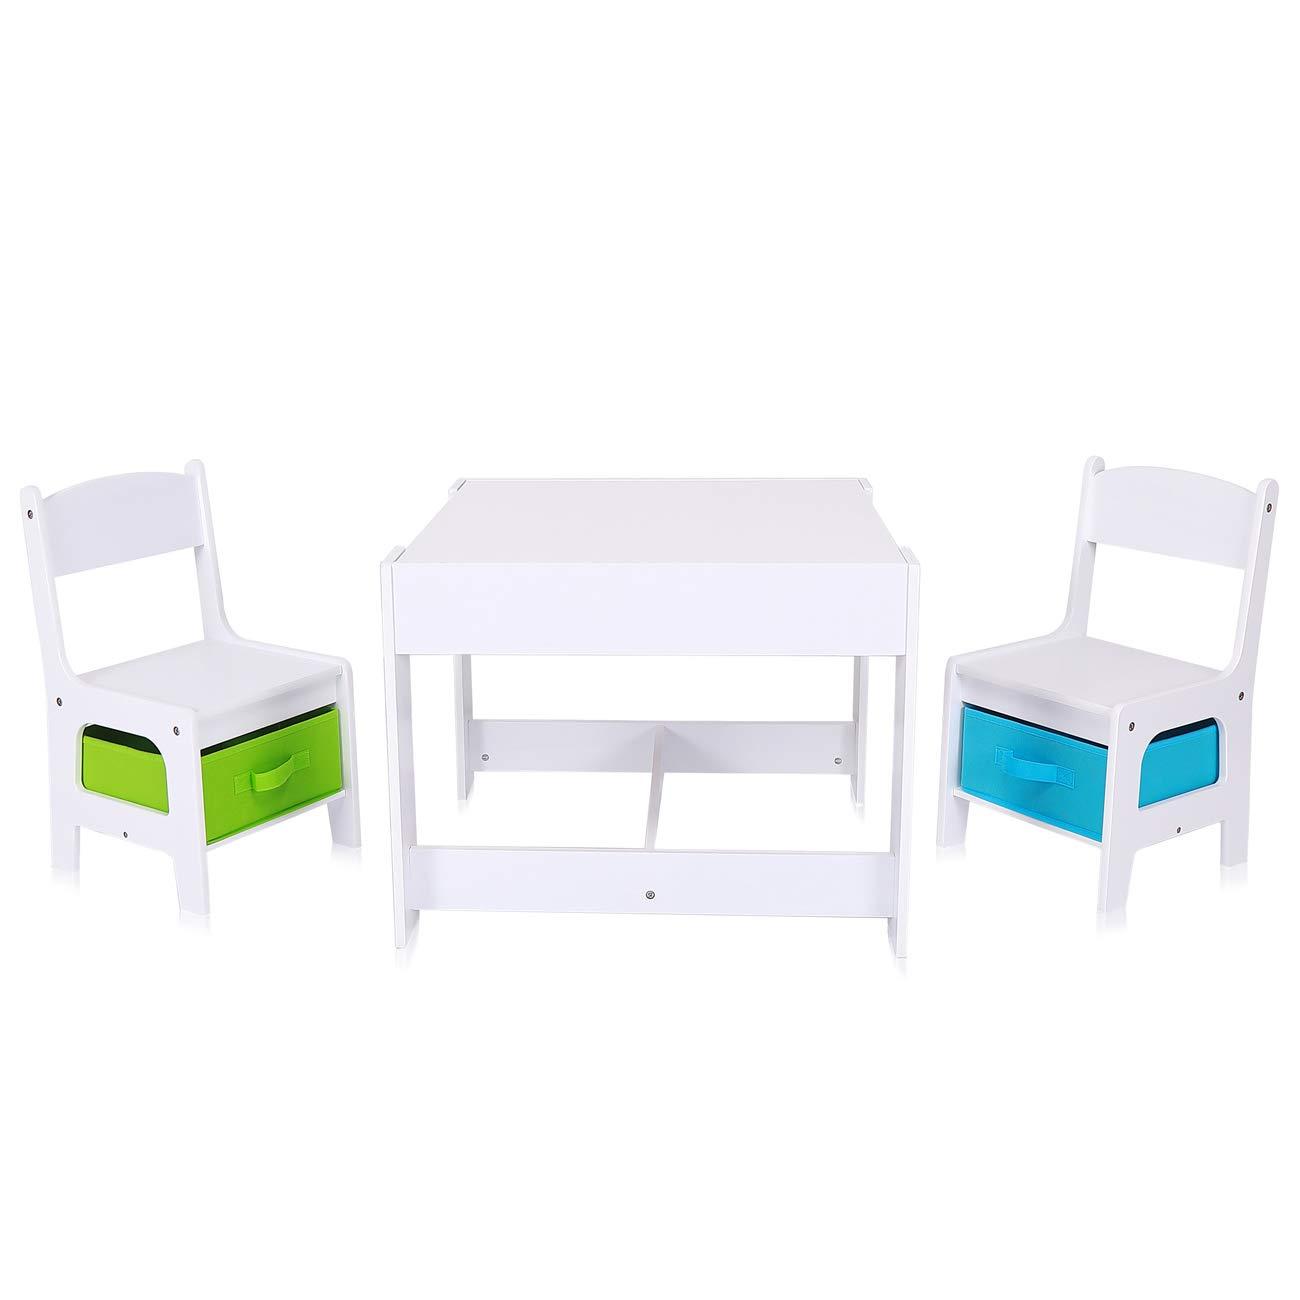 Baby Vivo Set Ni/ños Actividad Mesa con 2 Sillas Infantil Escritorio Juego Cajas Ni/ña y Ni/ño Hecho de Madera MAX